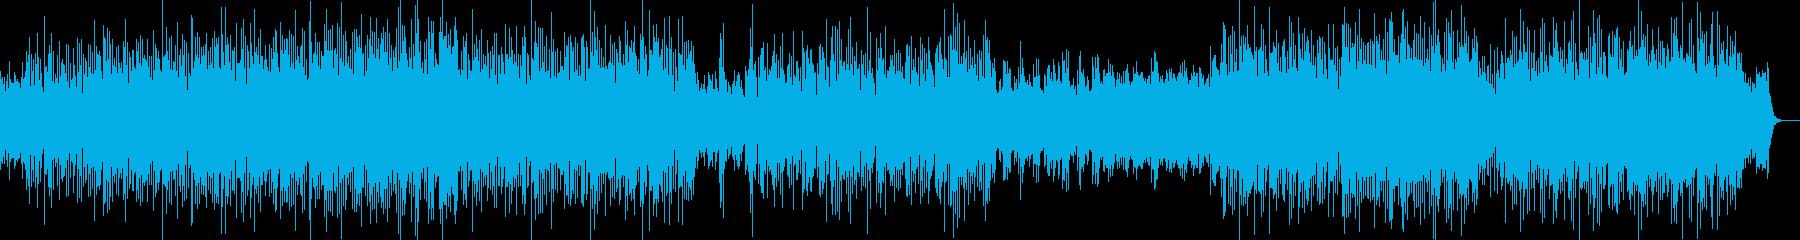 中華・チャイナ風・ほのぼの明るいポップ曲の再生済みの波形